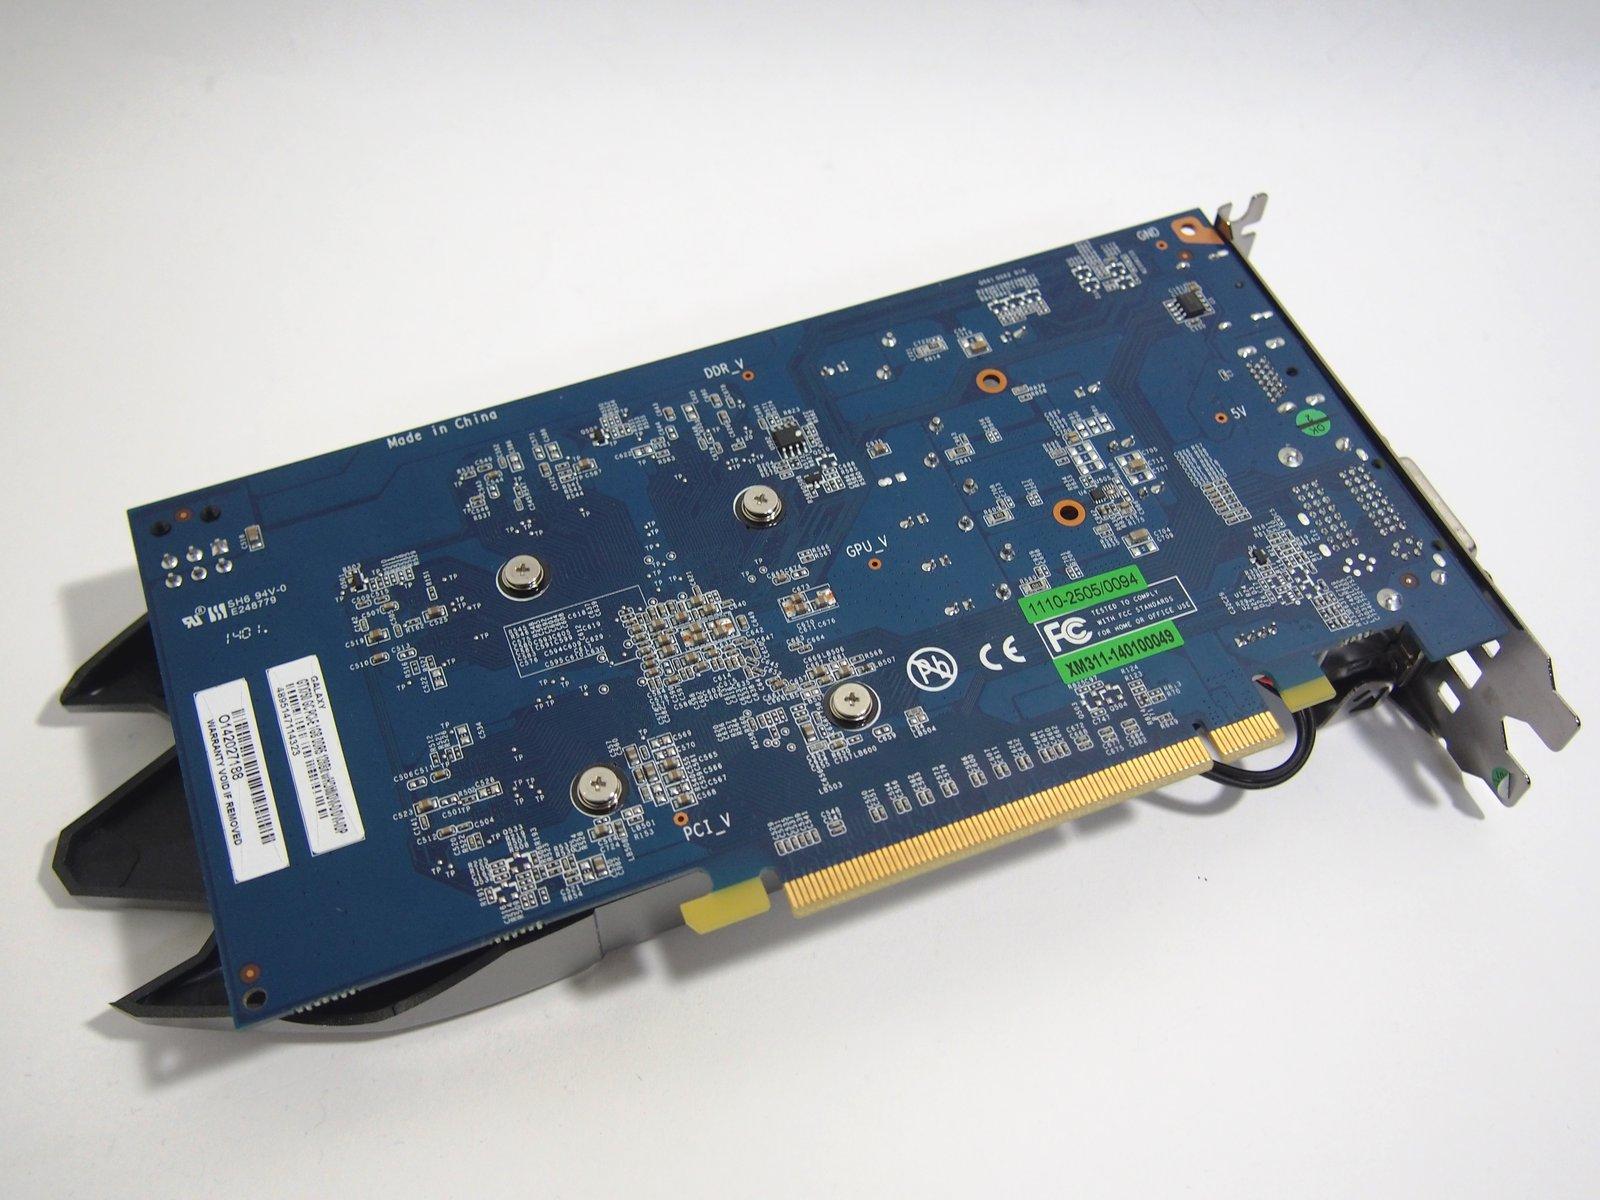 [XF] 中階卡對戰神兵泰坦 Galaxy 影馳 GeForce GTX 750 GC 1GB